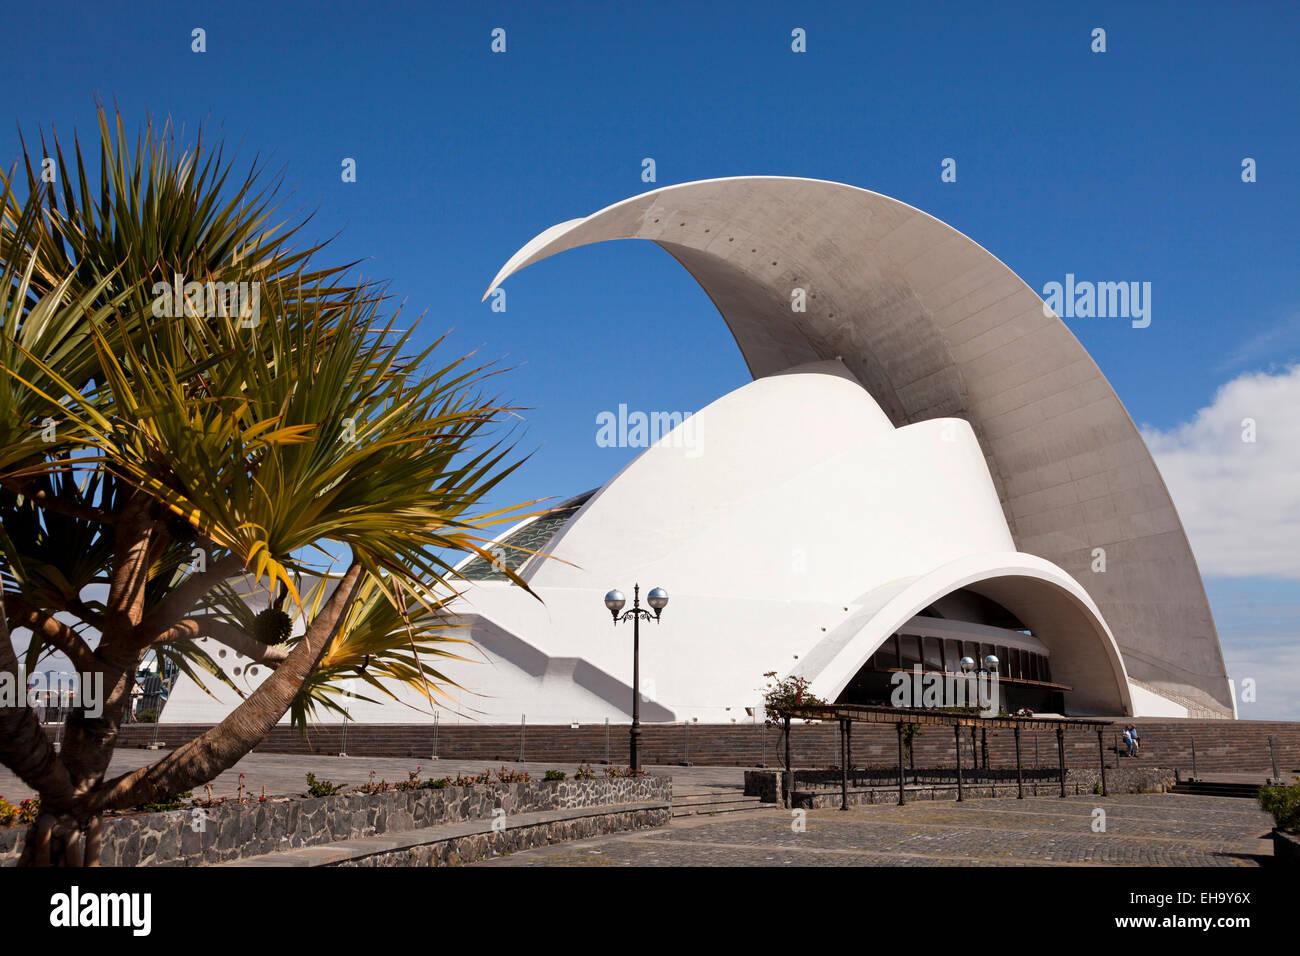 La moderna sala da concerto Auditorio de Tenerife dall'architetto Santiago Calatrava Valls in Santa Cruz de Immagini Stock